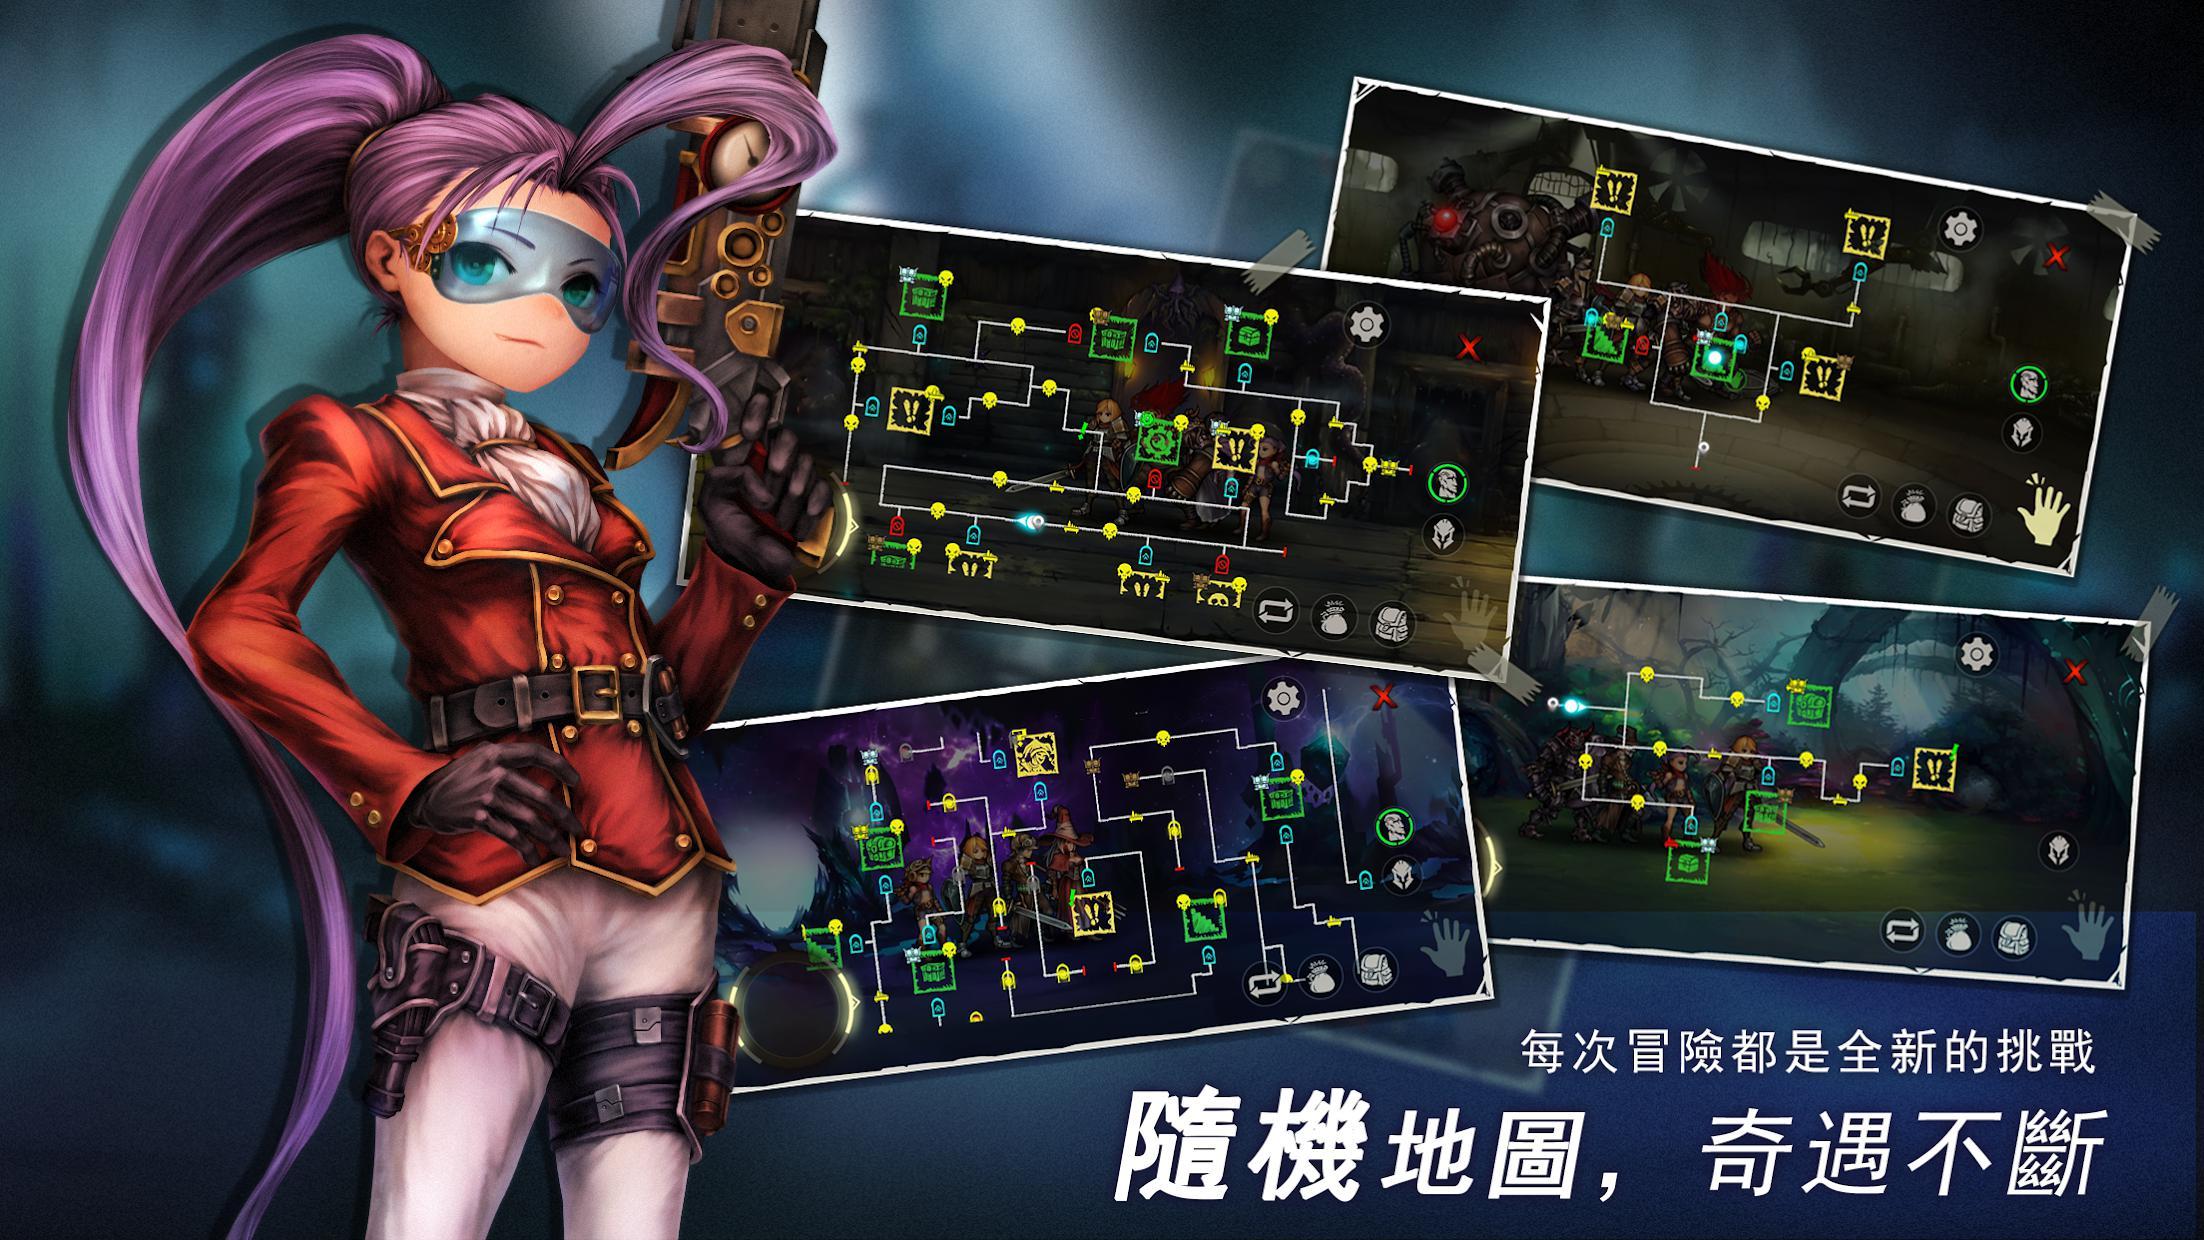 地牢求生2 - 巨像传说 游戏截图4